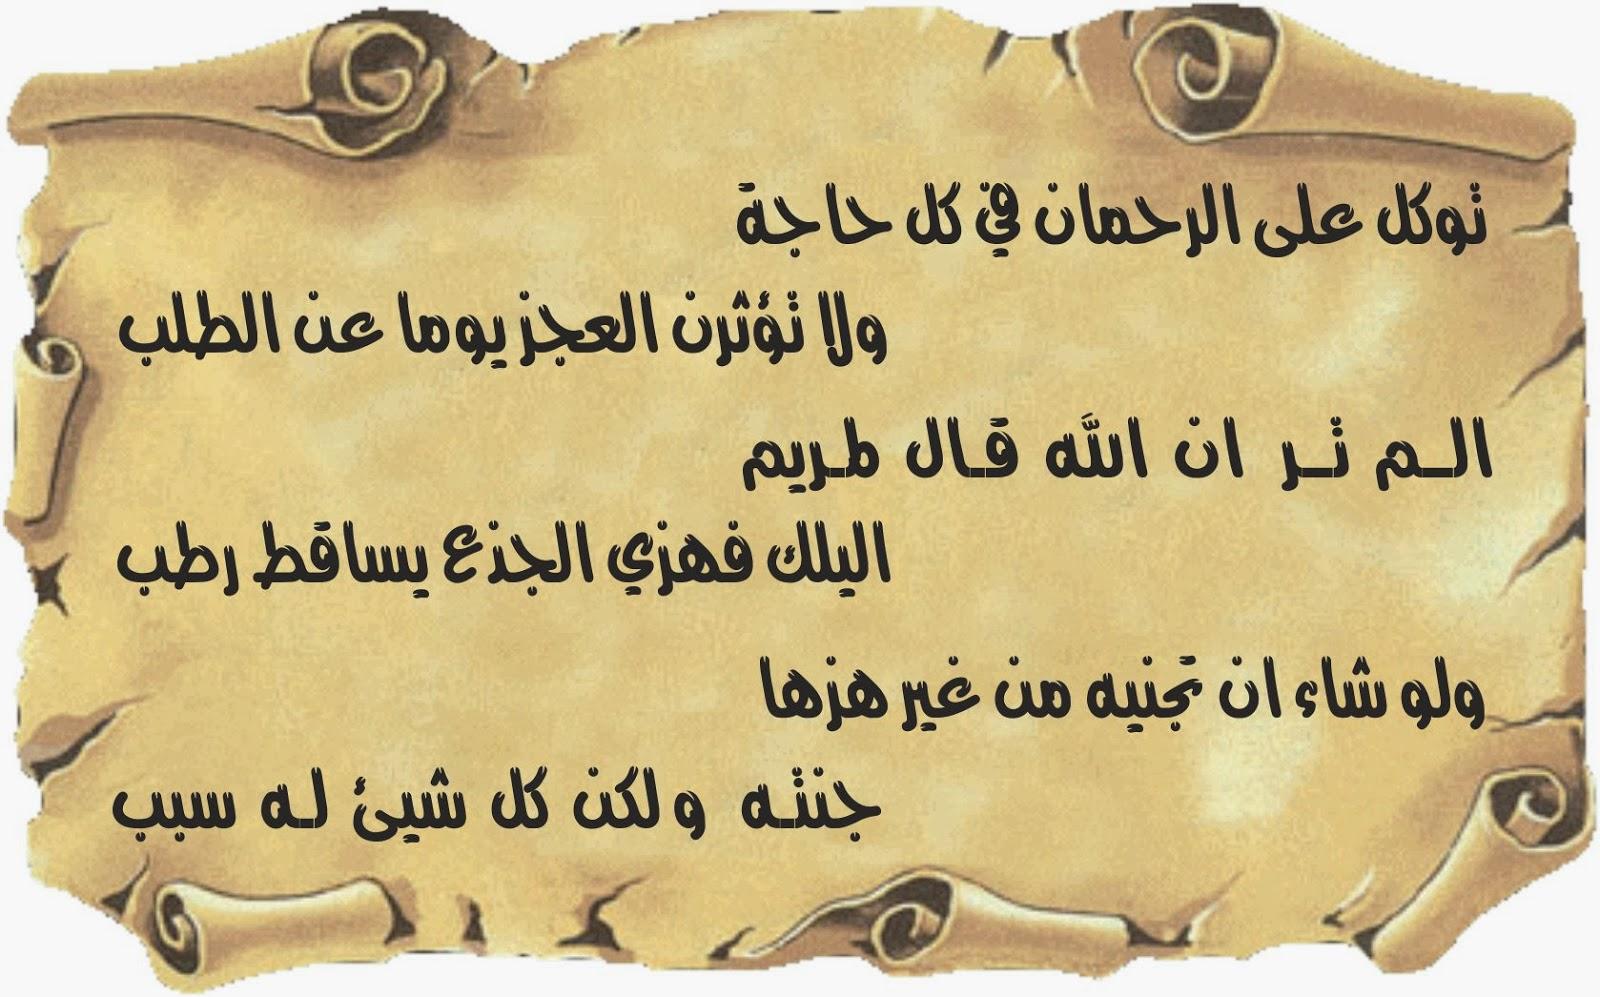 بالصور شعر قديم , كلمات متنوعه من الشعر القديم 6706